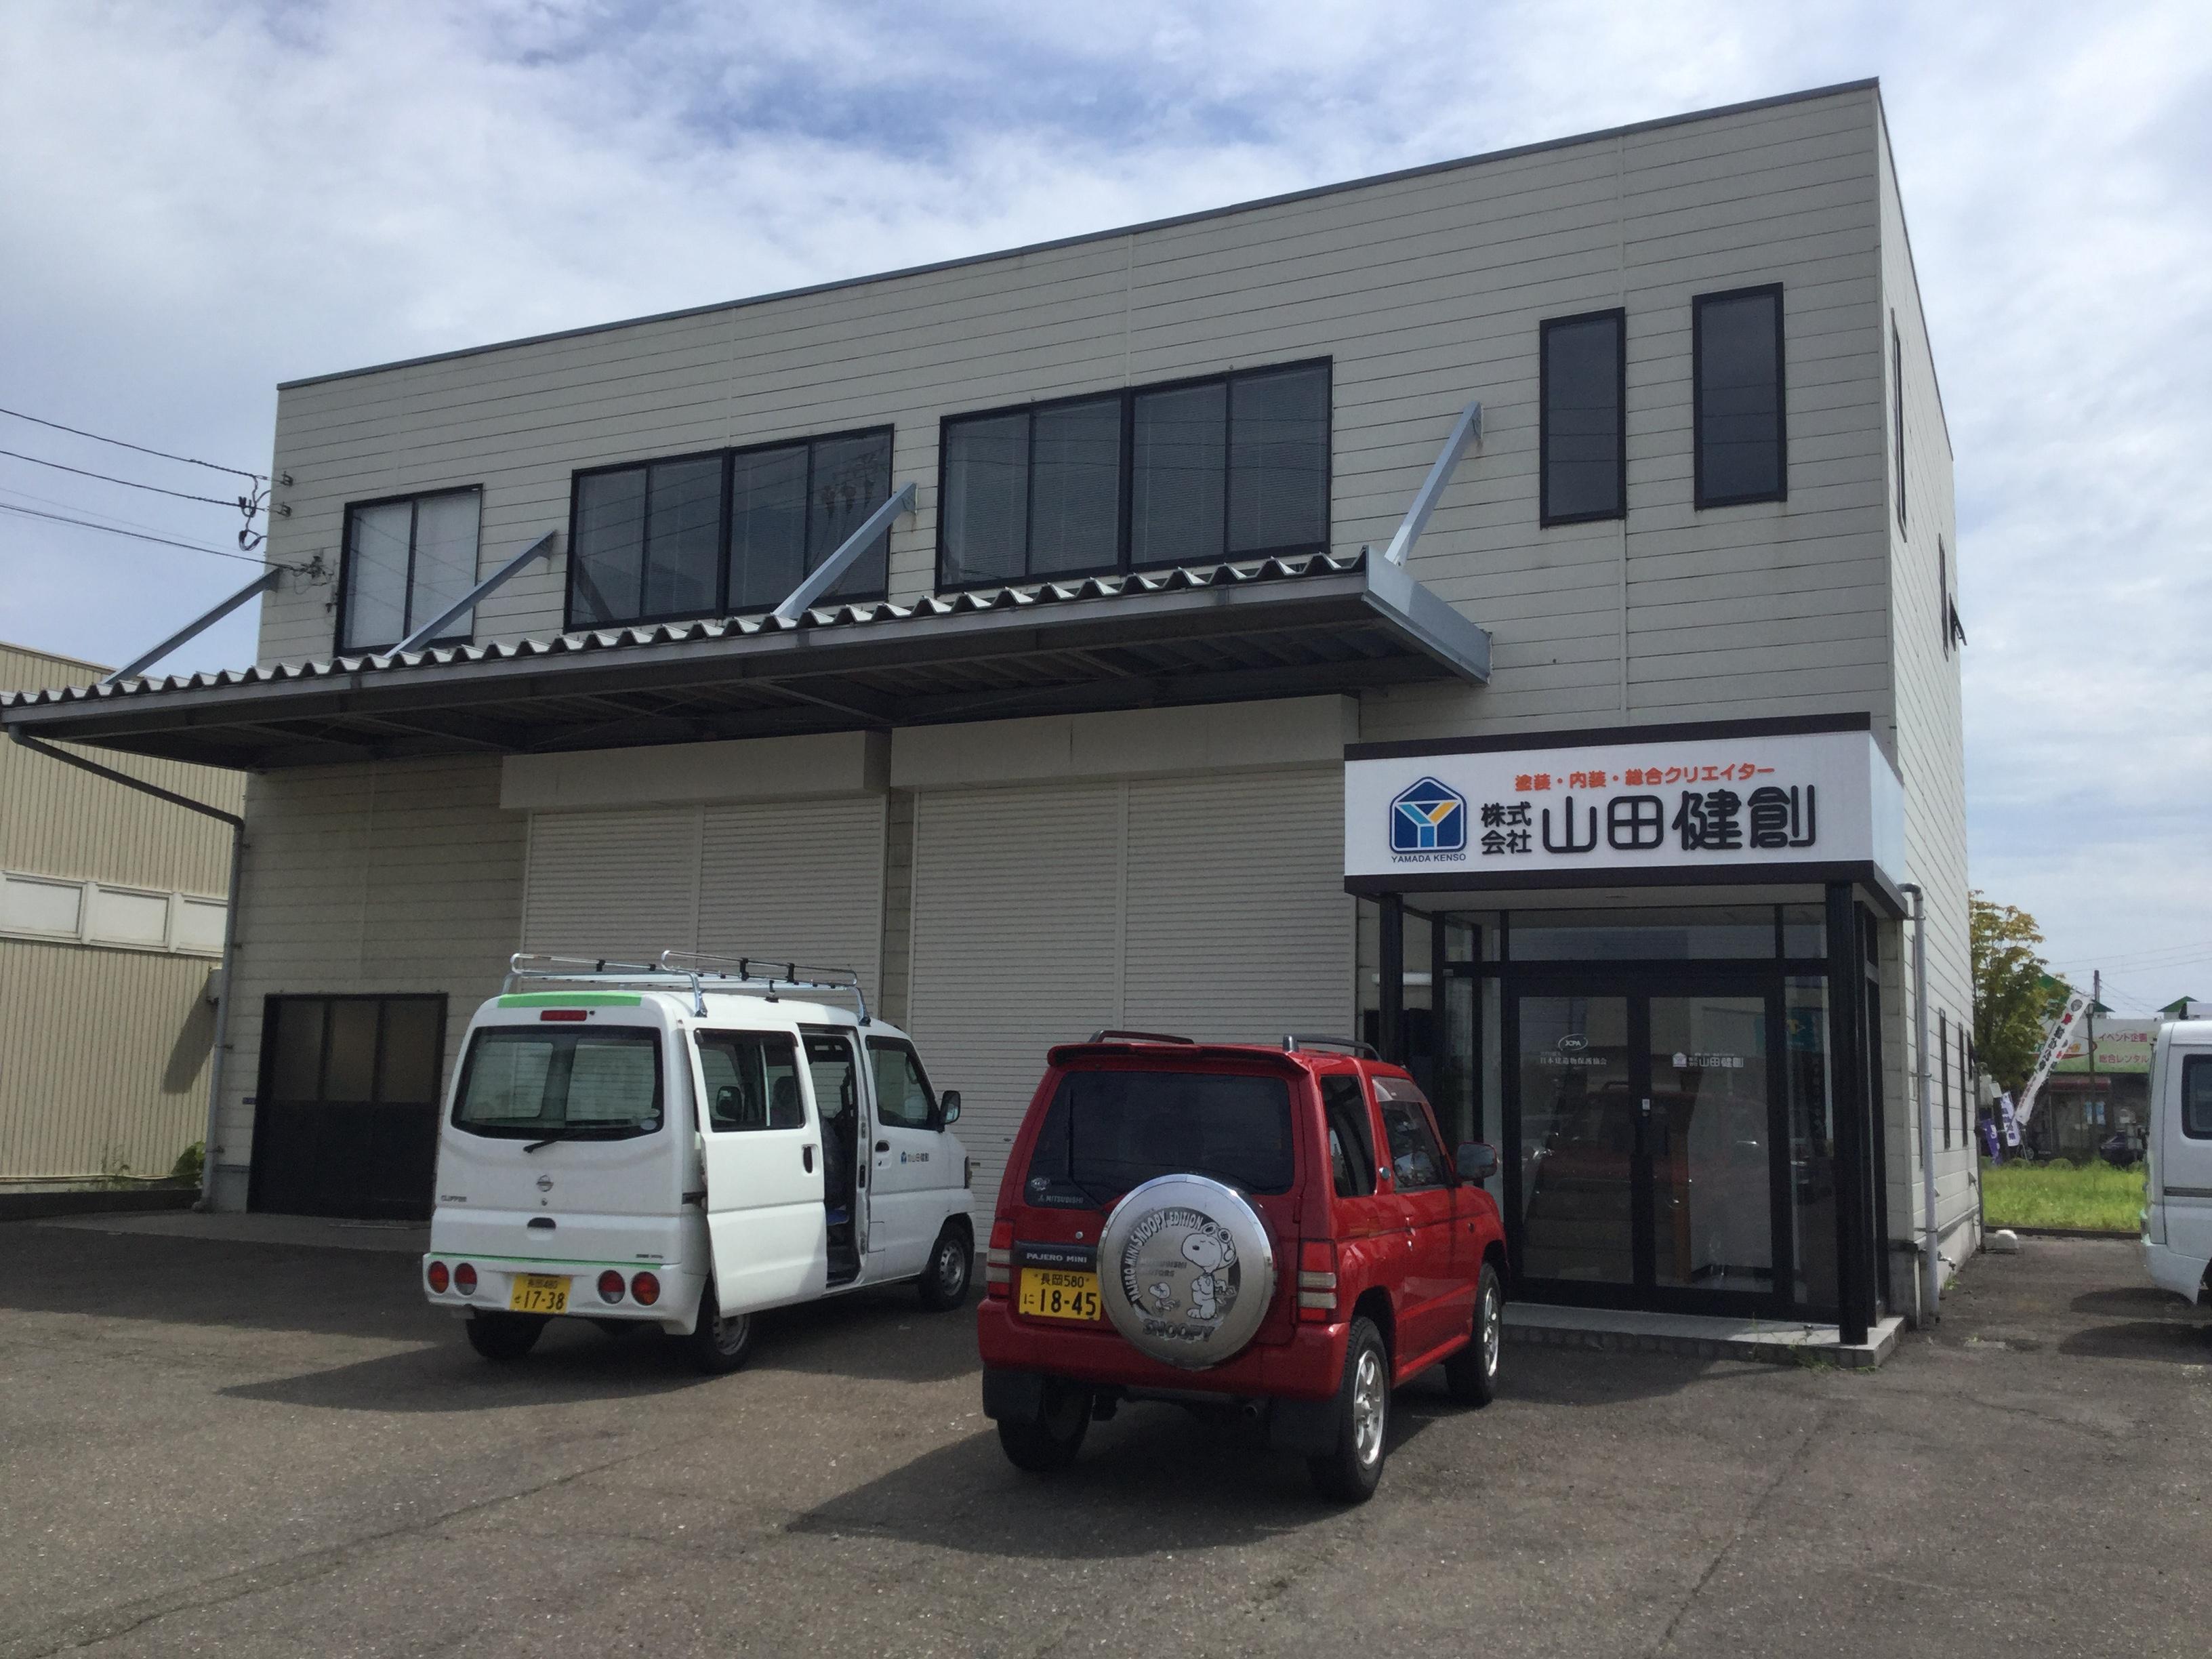 液体ガラス塗装工業株式会社(新潟県上越市)の店舗イメージ